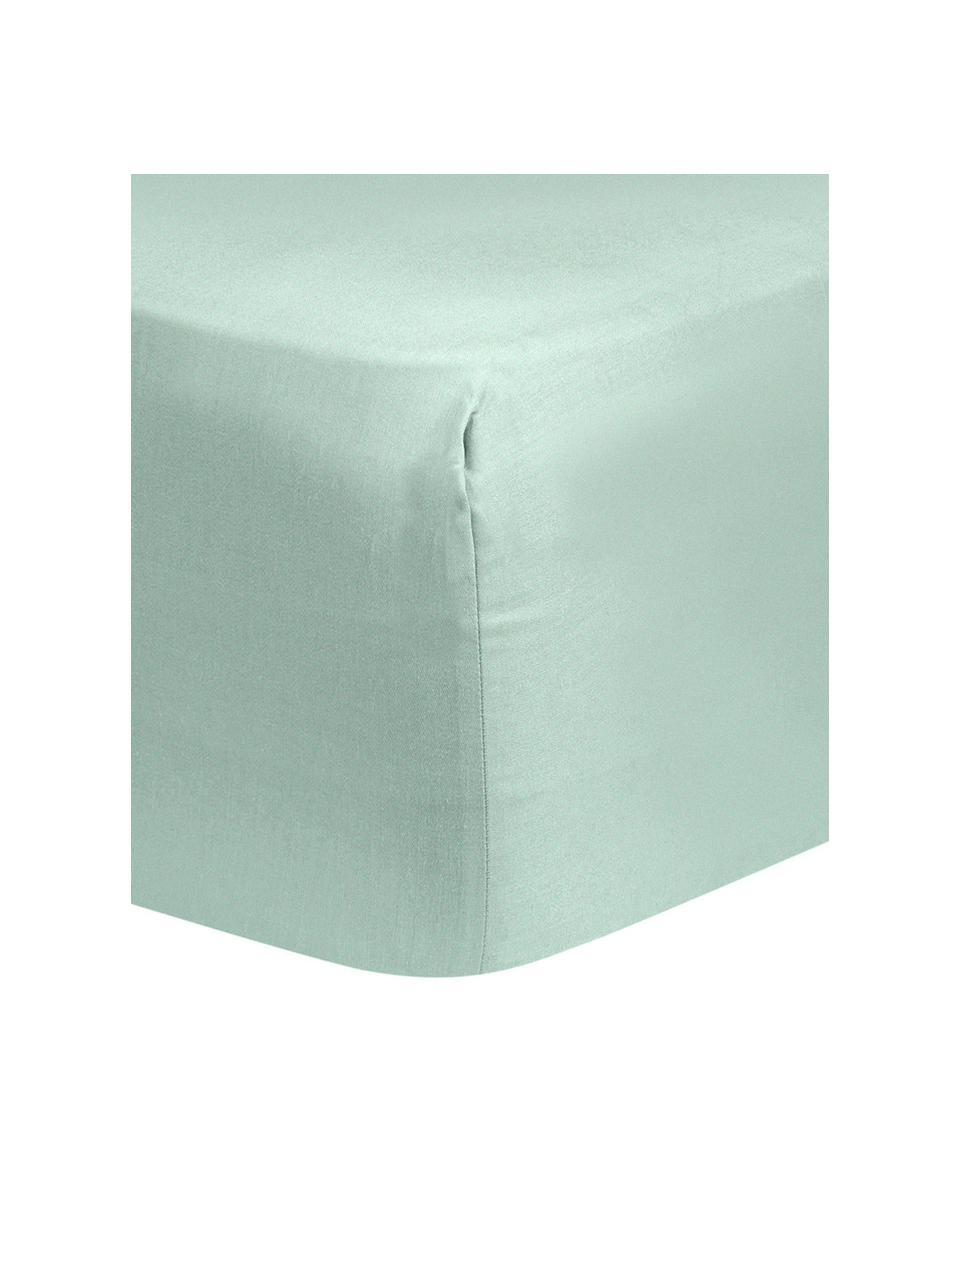 Spannbettlaken Comfort in Salbeigrün, Baumwollsatin, Webart: Satin, leicht glänzend, Salbeigrün, 180 x 200 cm